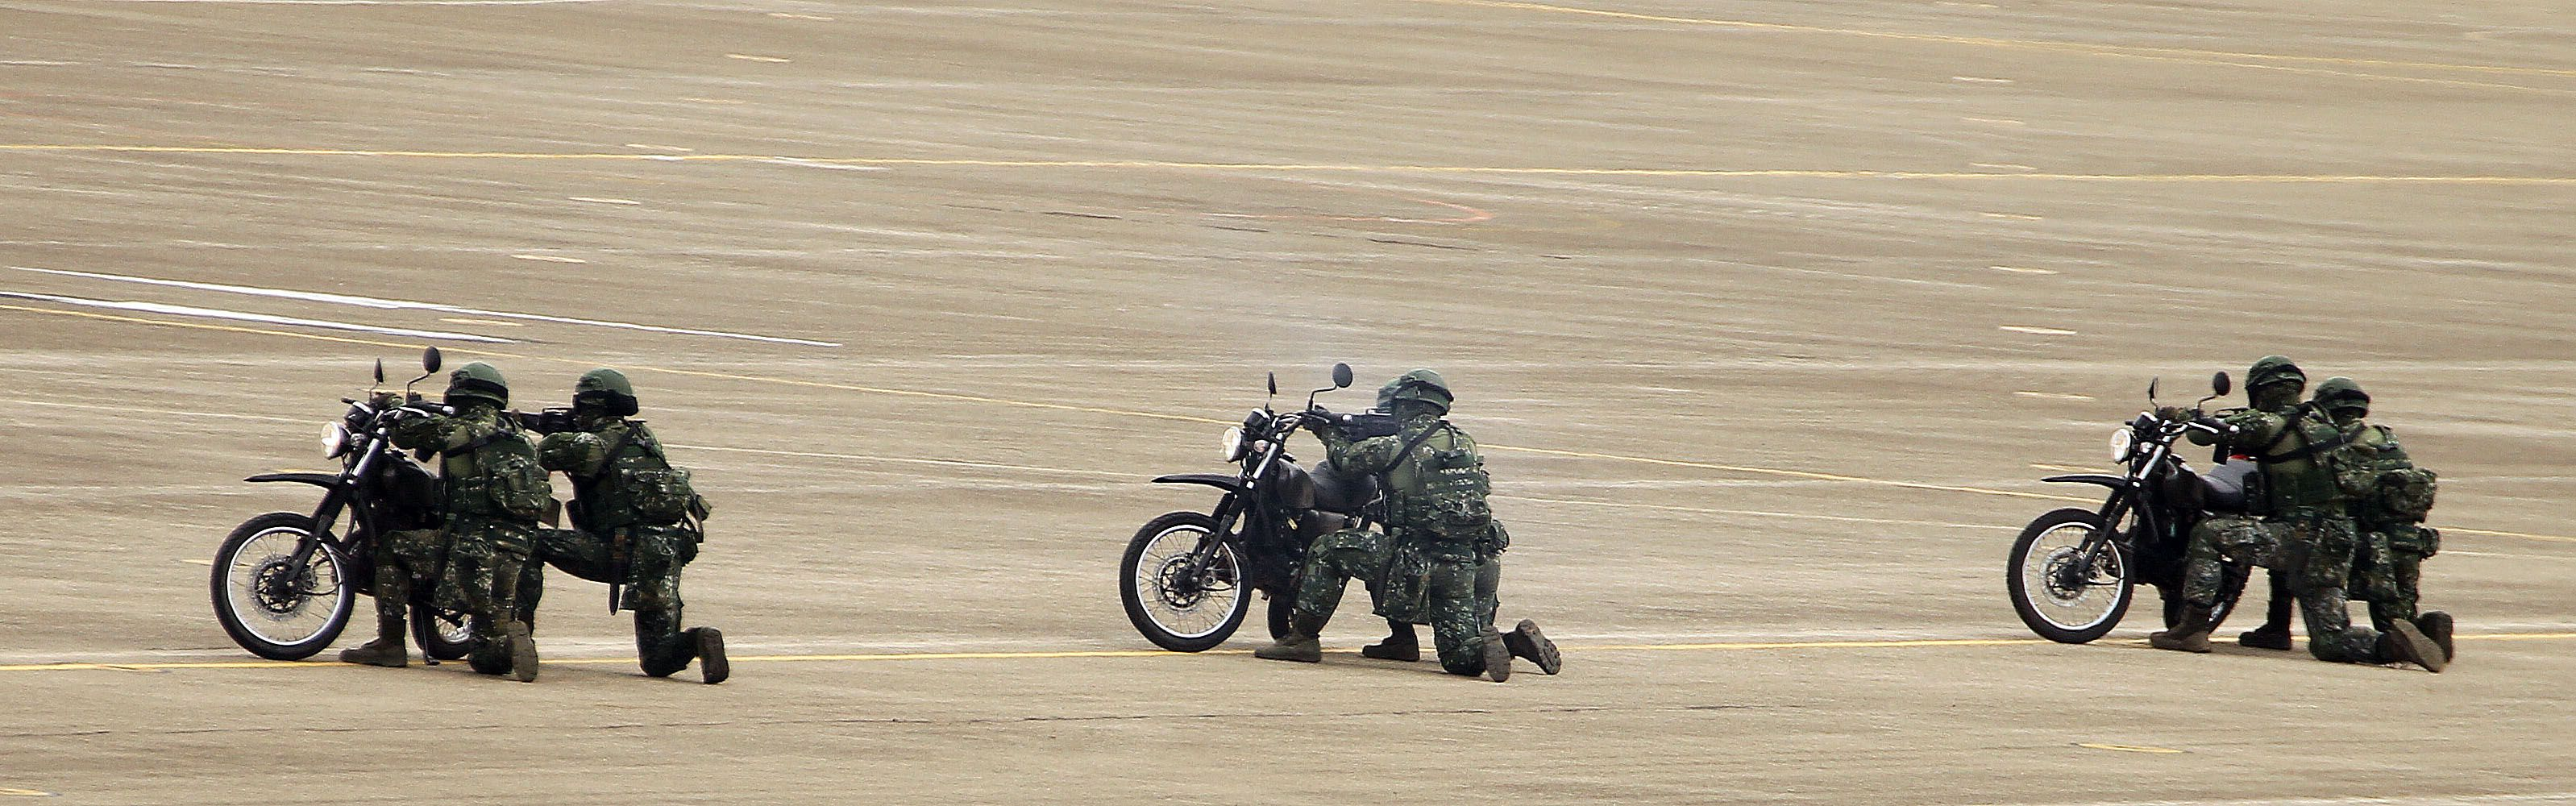 漢光34演習反空降守備大隊及機動大隊對敵攻擊。(記者邱榮吉/清泉崗拍攝)